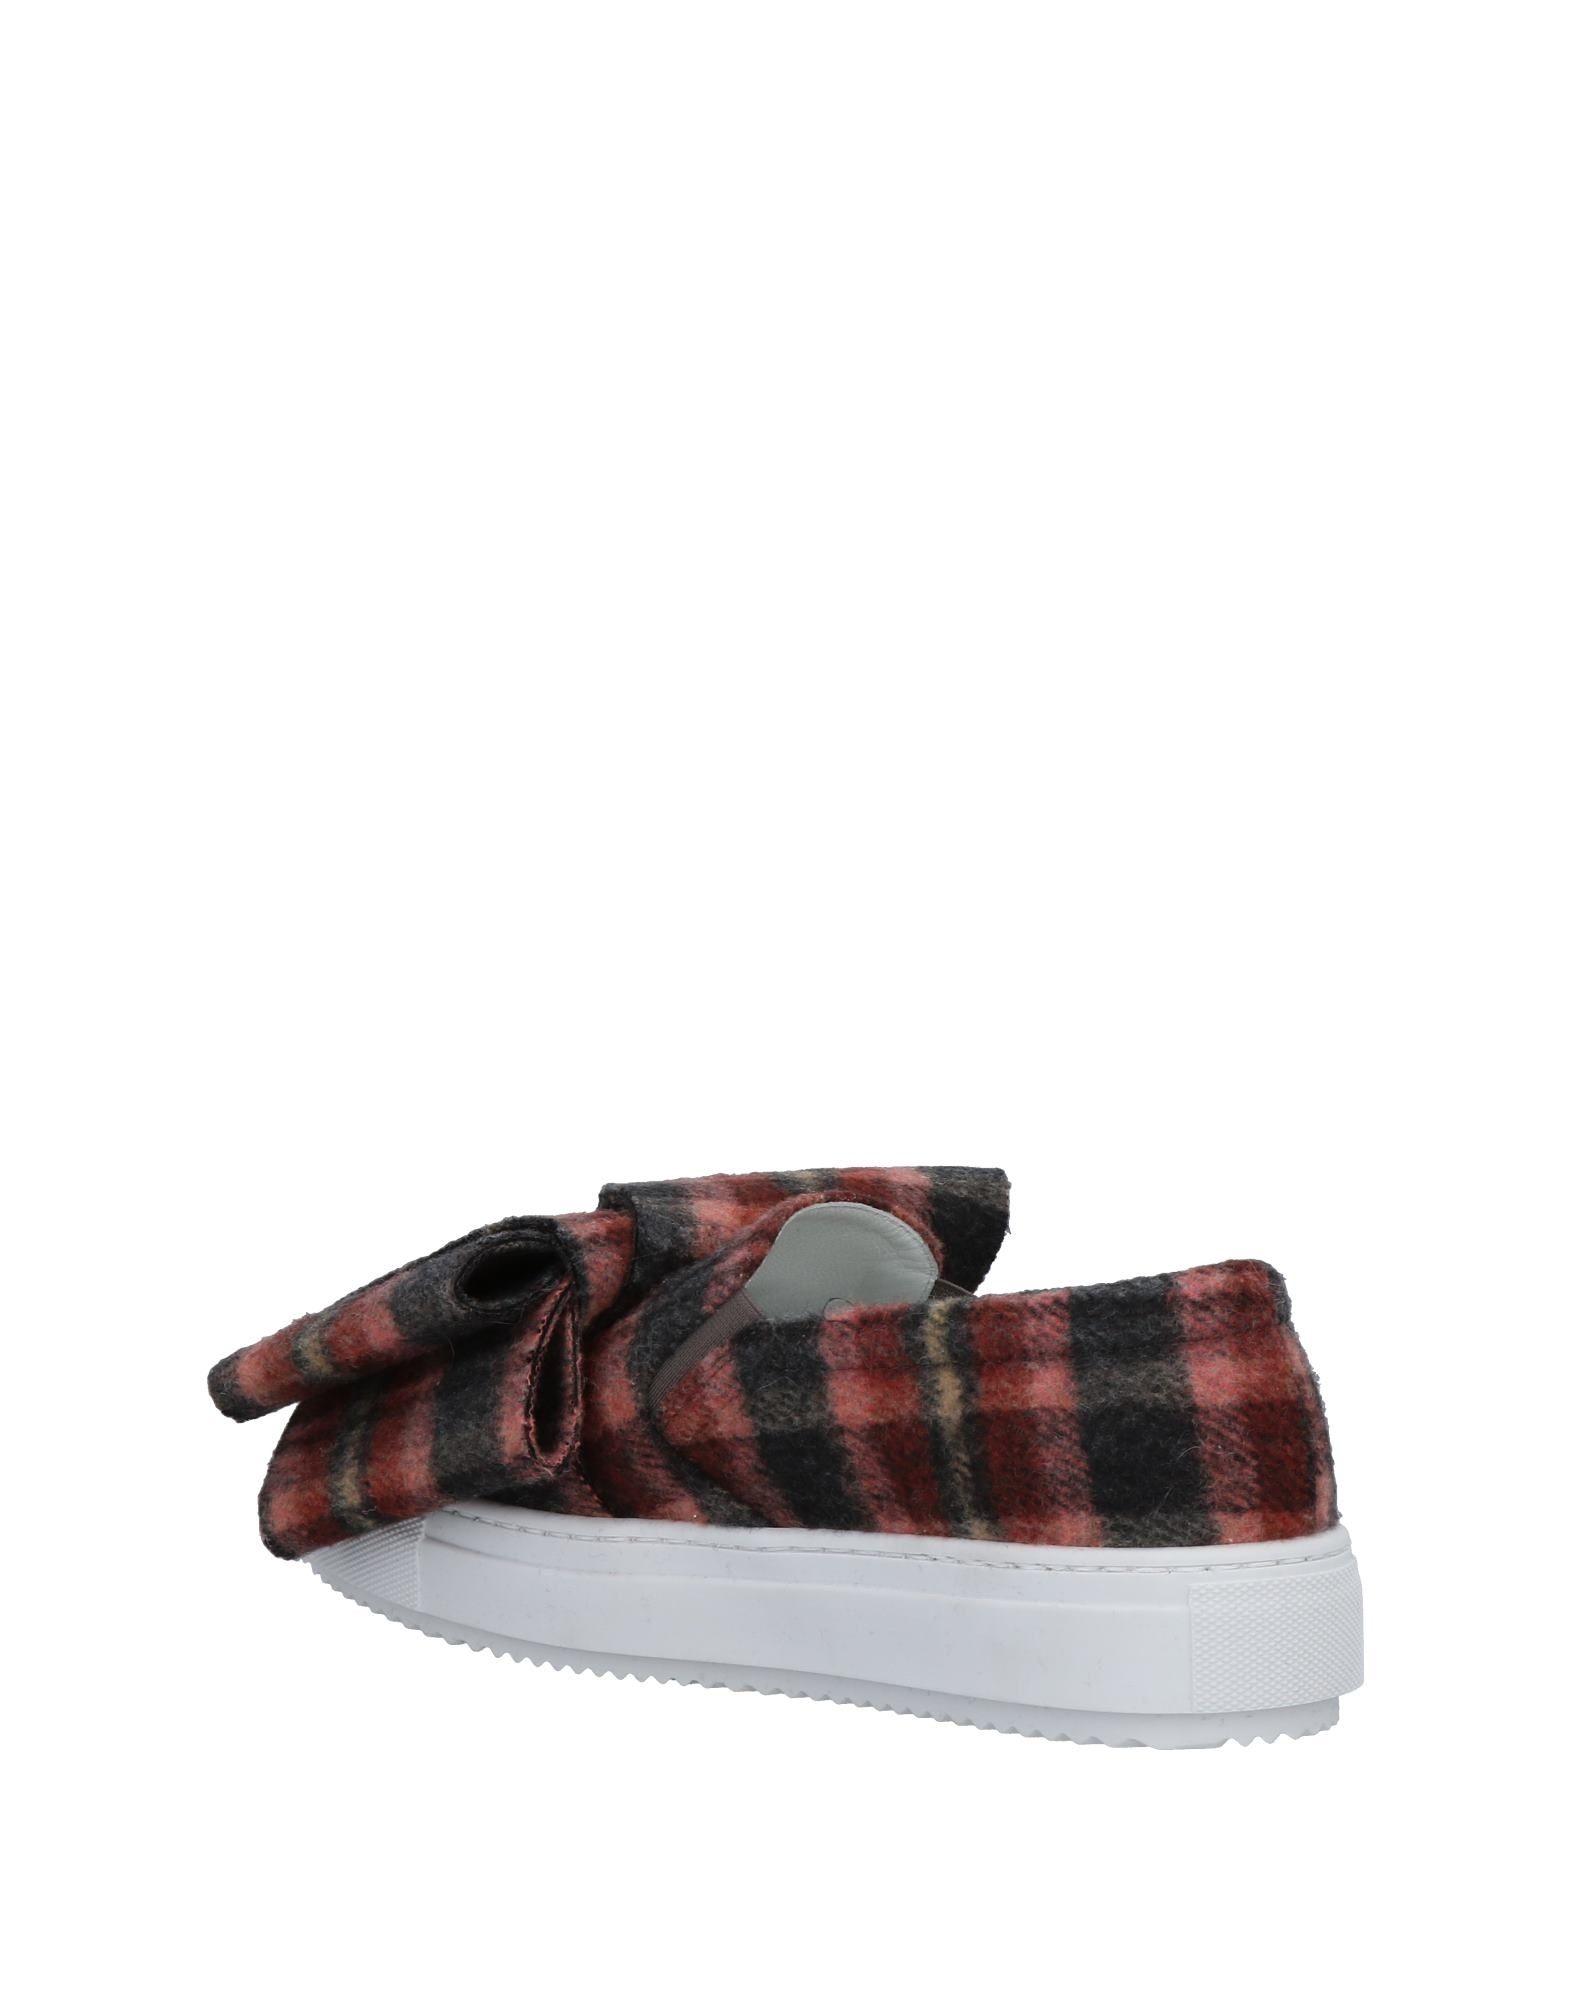 Olivia's Bow Sneakers Damen  11475187LL Qualität Gute Qualität 11475187LL beliebte Schuhe 989183